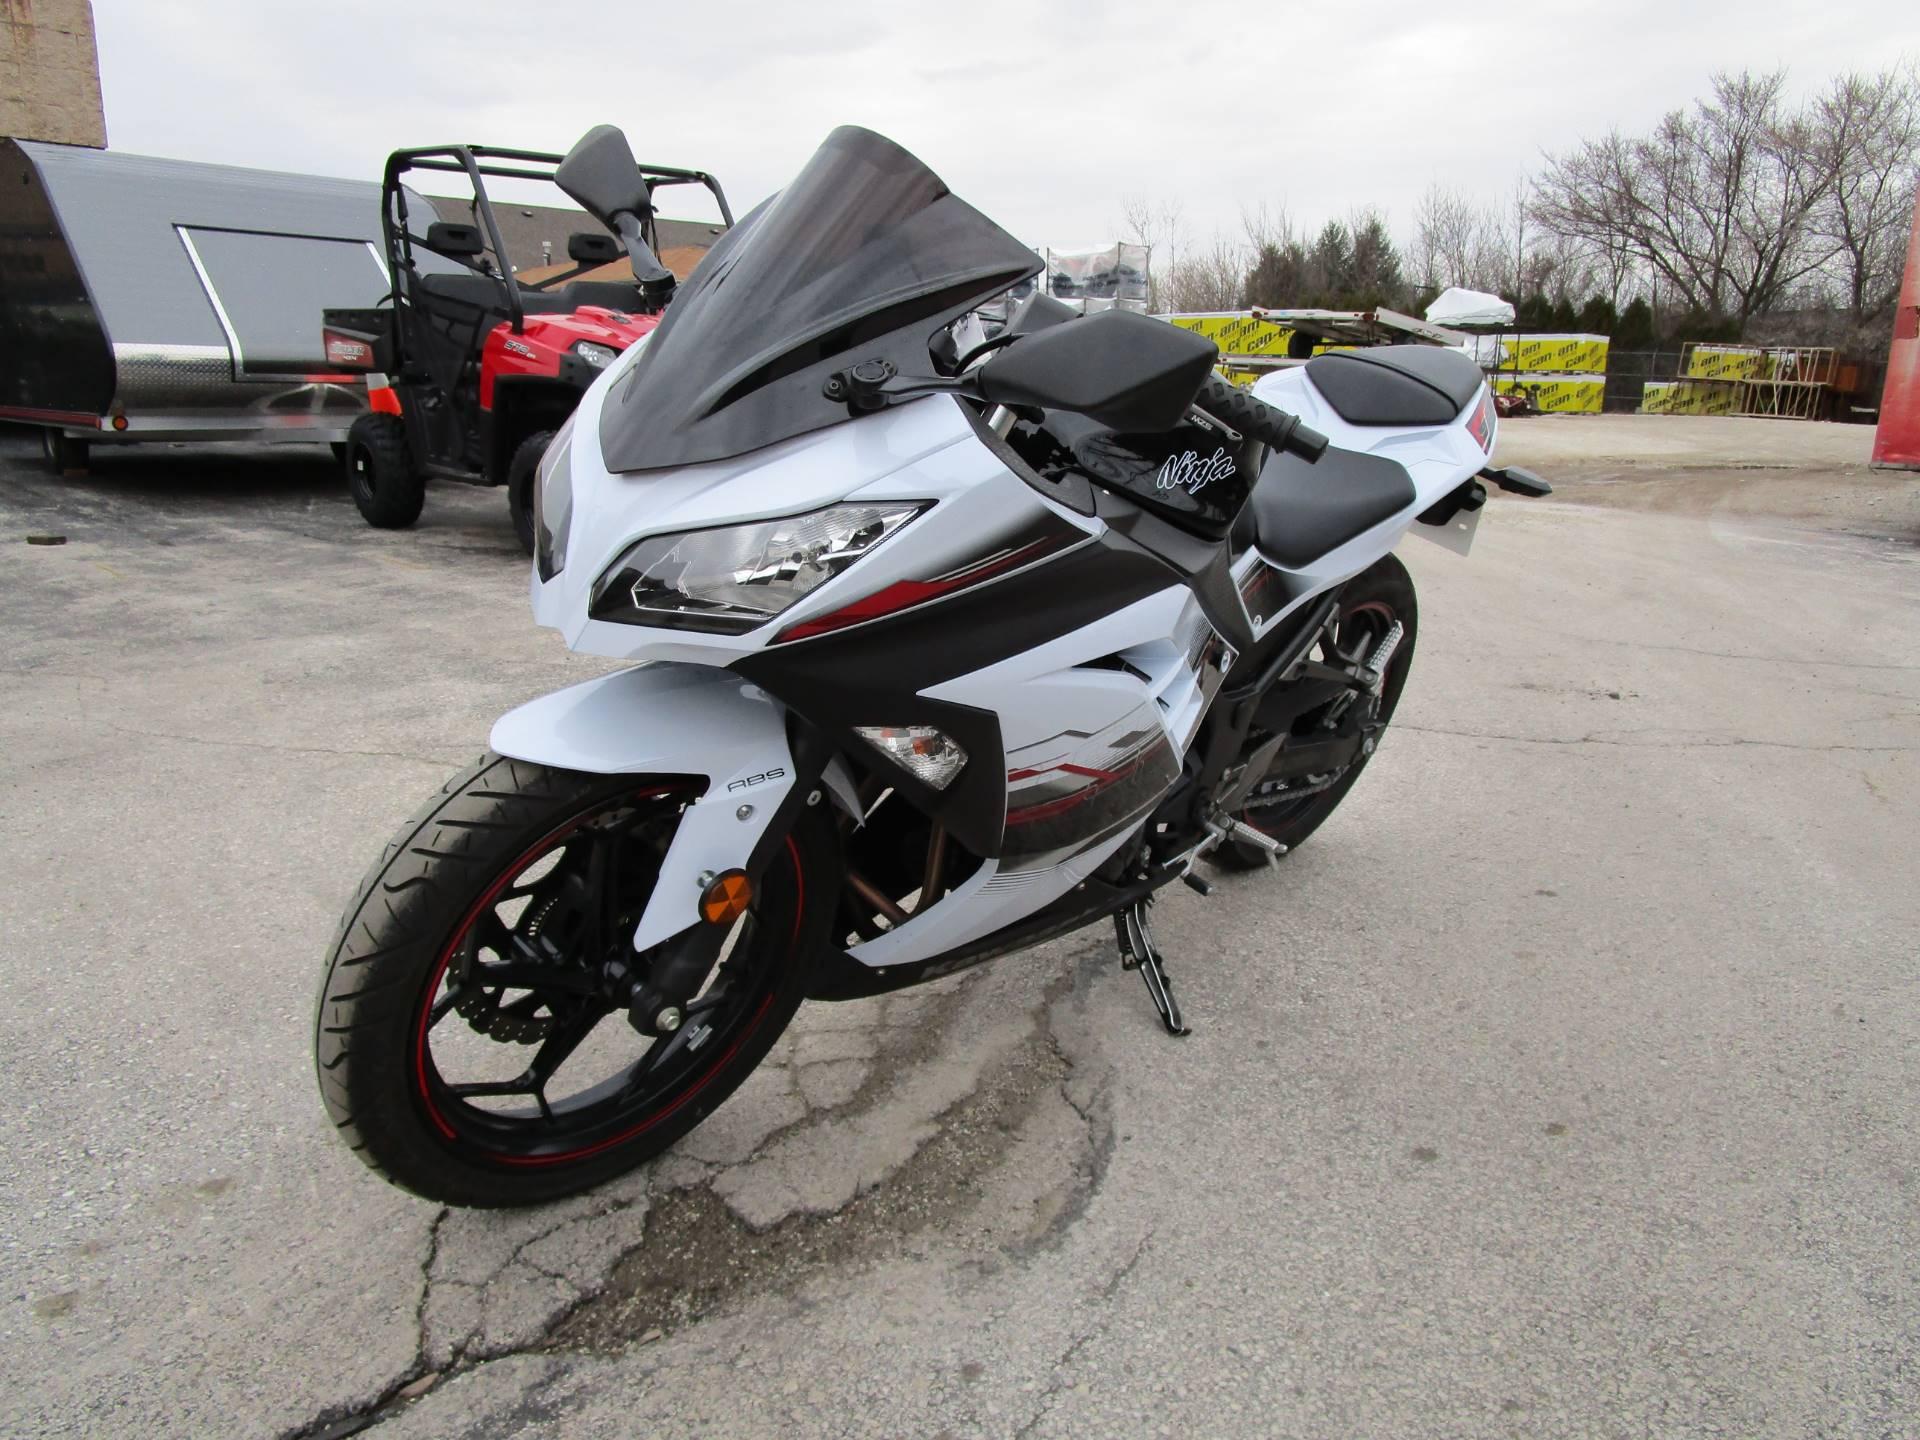 2014 Kawasaki Ninja® 300 ABS SE in Brookfield, Wisconsin